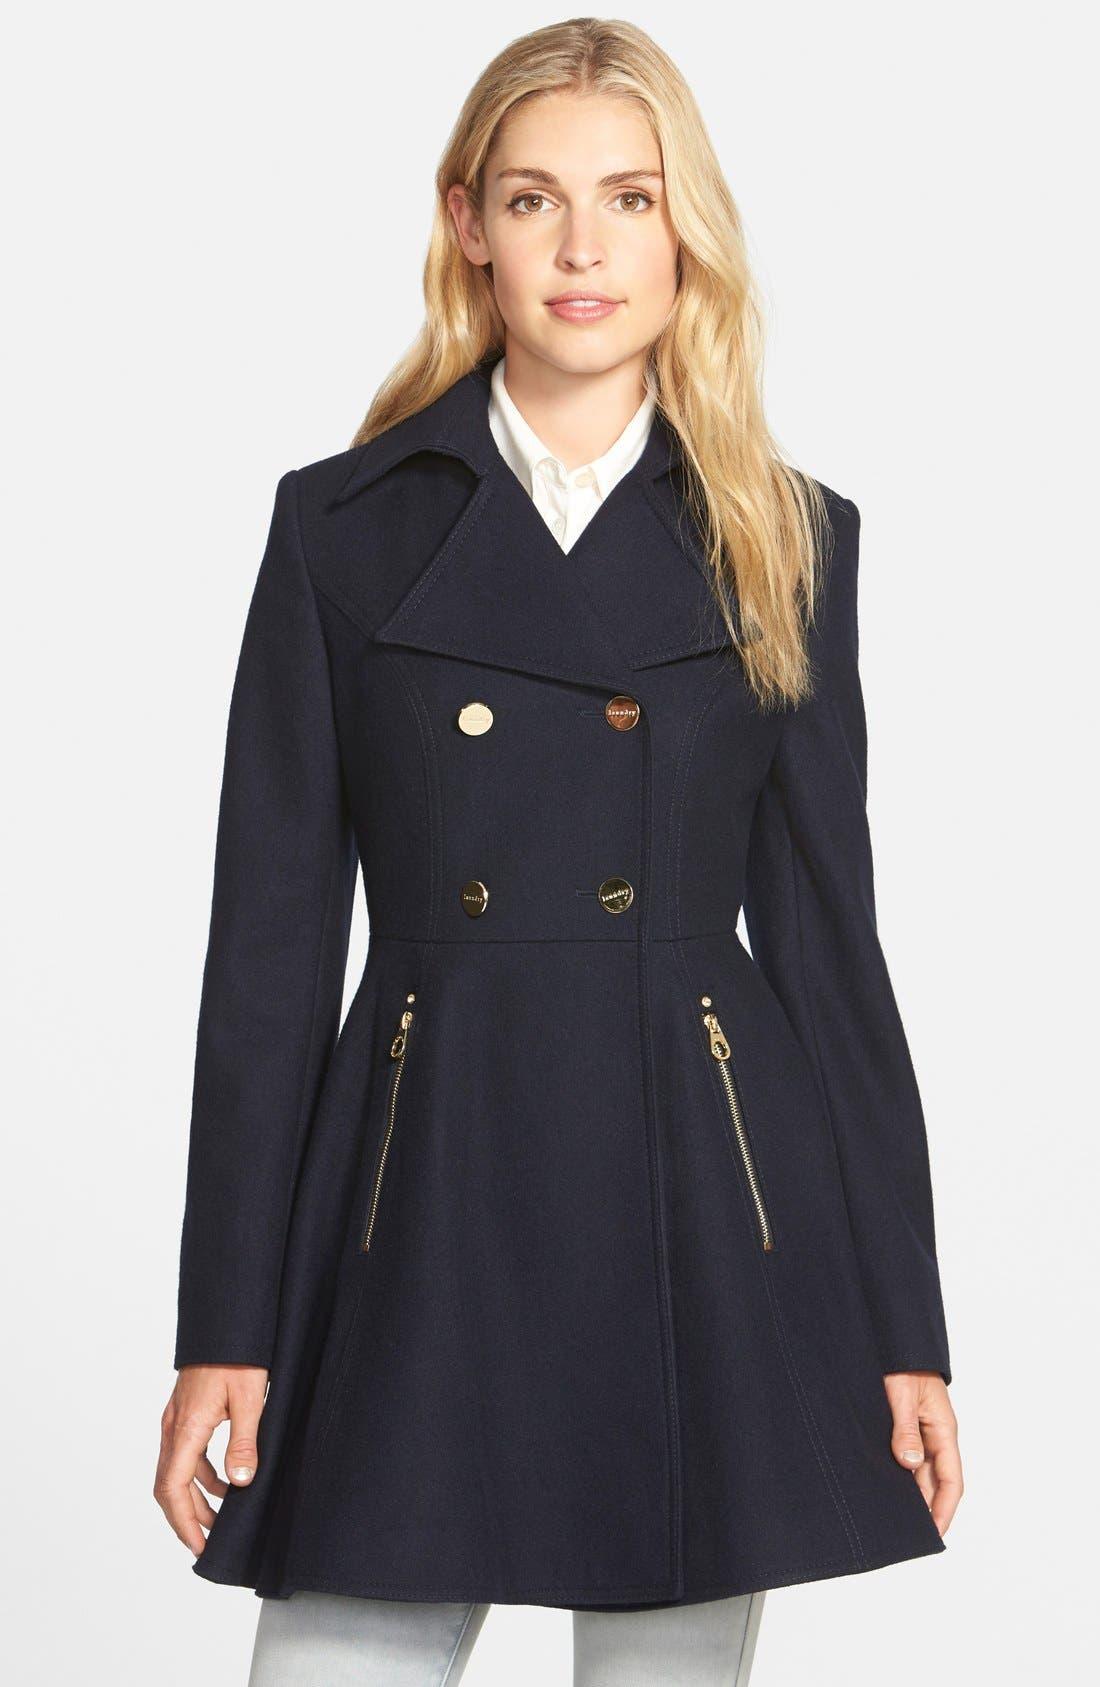 Peacoat Coats & Jackets for Women | Nordstrom | Nordstrom